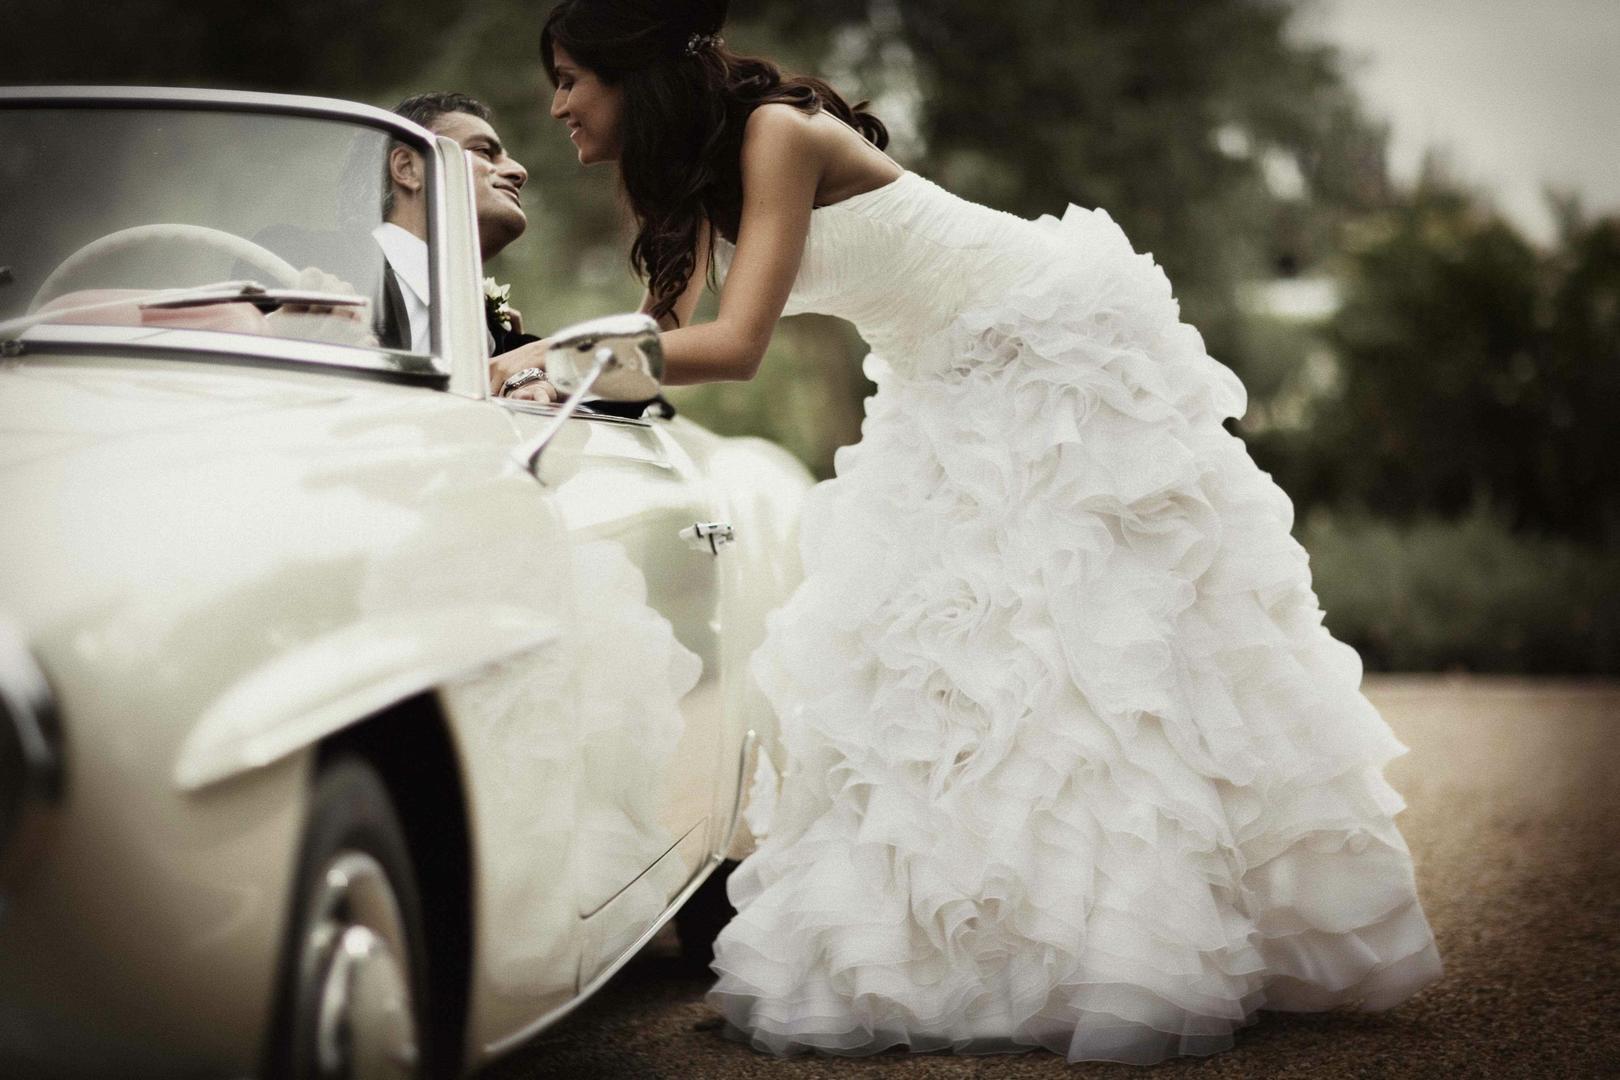 Wedding Transportation Alternatives - Inside Weddings